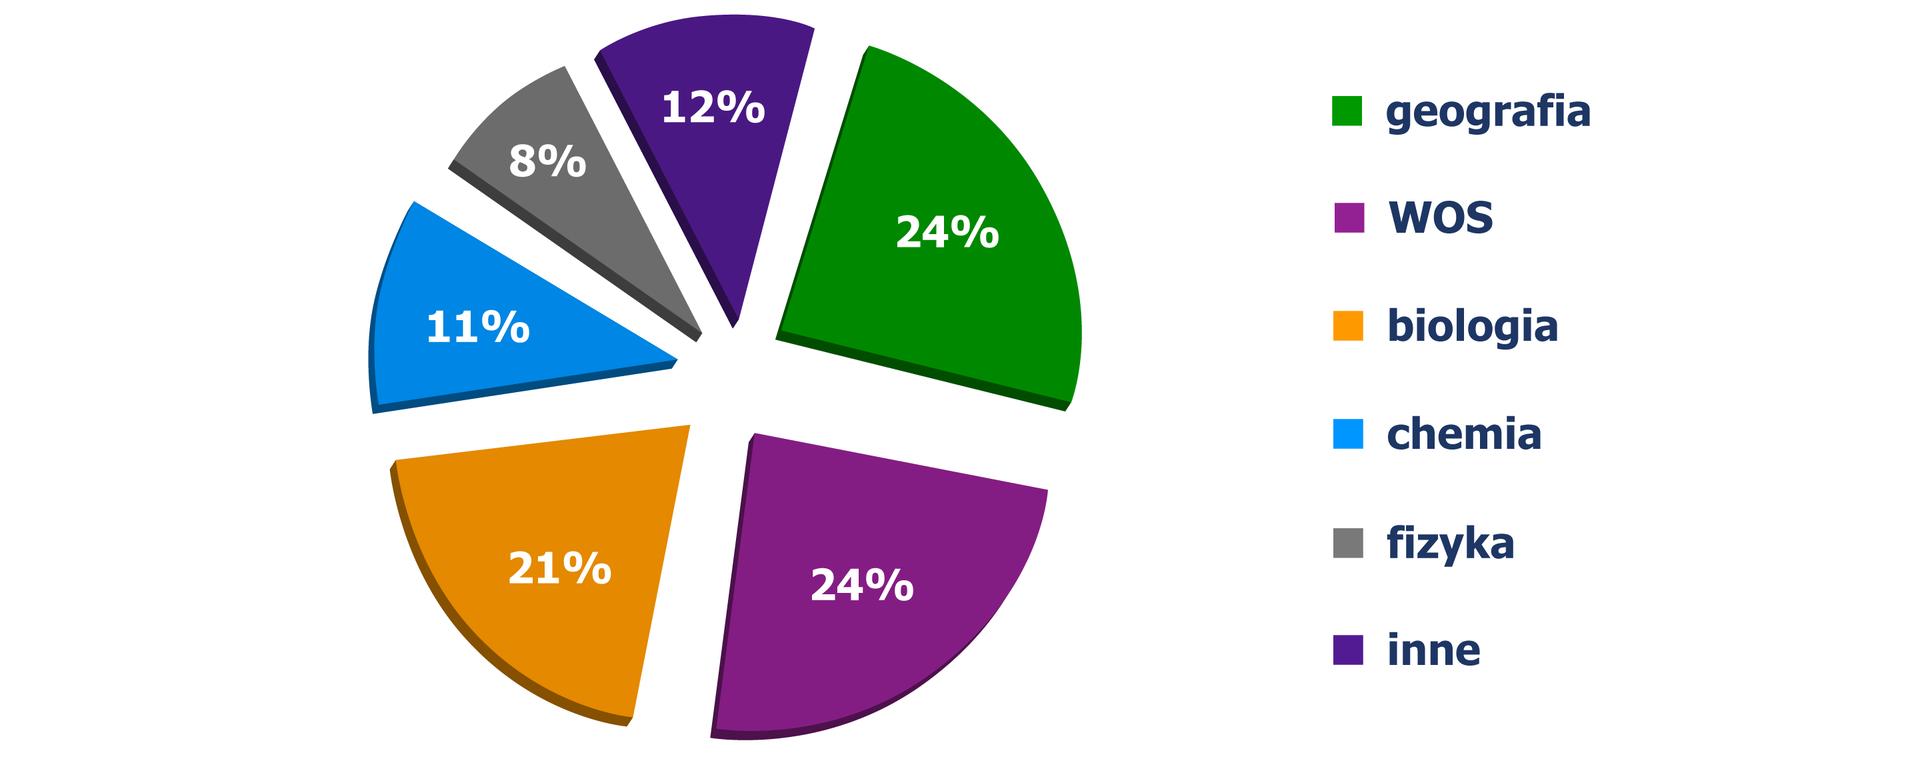 Diagram kołowy, zktórego odczytujemy przedmioty wybierane przez uczniów na maturze: geografia - 24%, WOS - 24%, biologia - 21%, chemia - 11%, fizyka - 8%, inne - 12%.